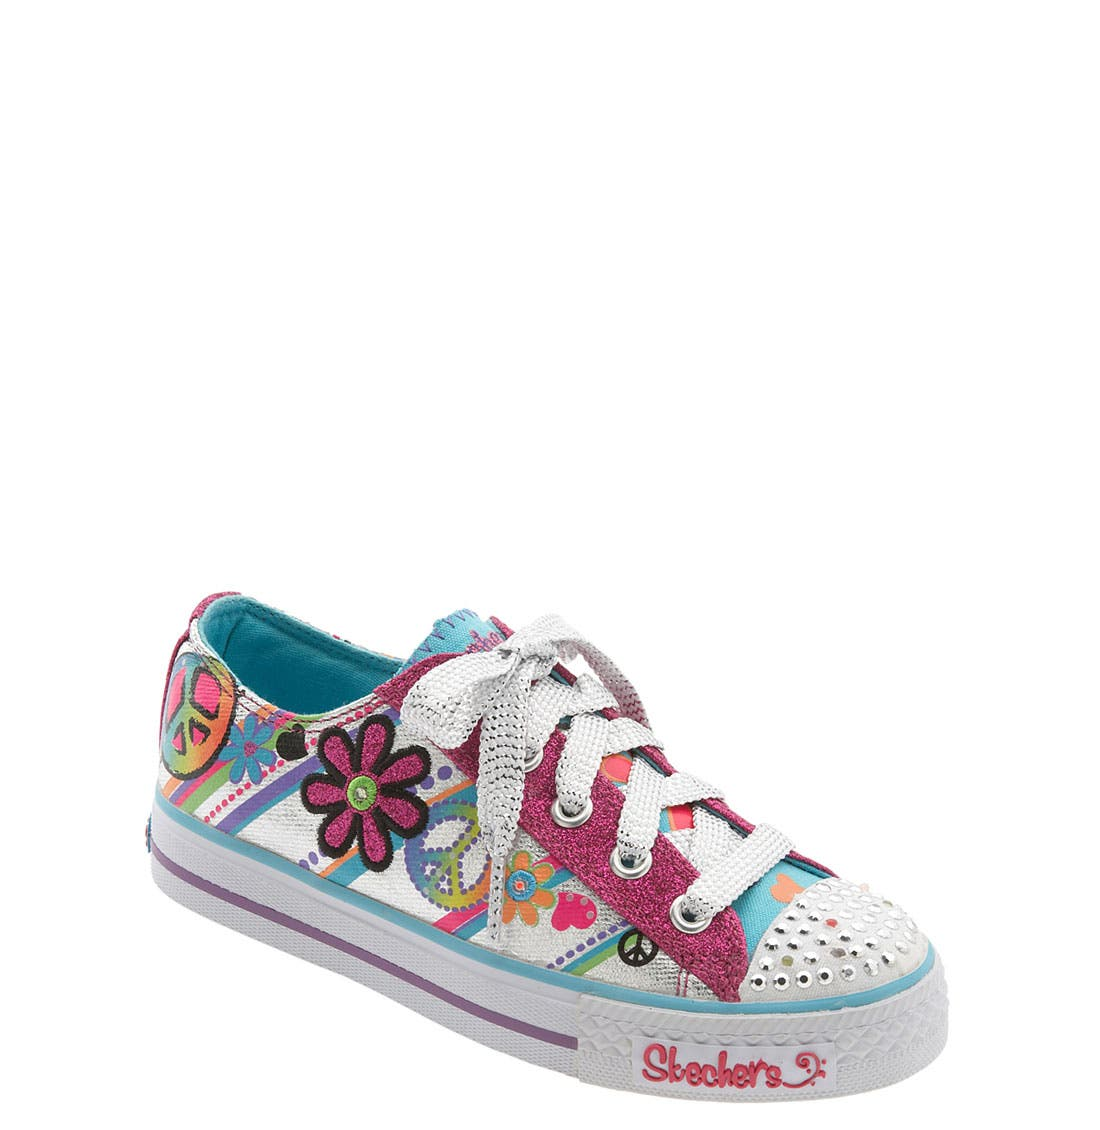 Main Image - SKECHERS 'Shuffles - Lights' Sneaker (Walker, Toddler & Little Kid)